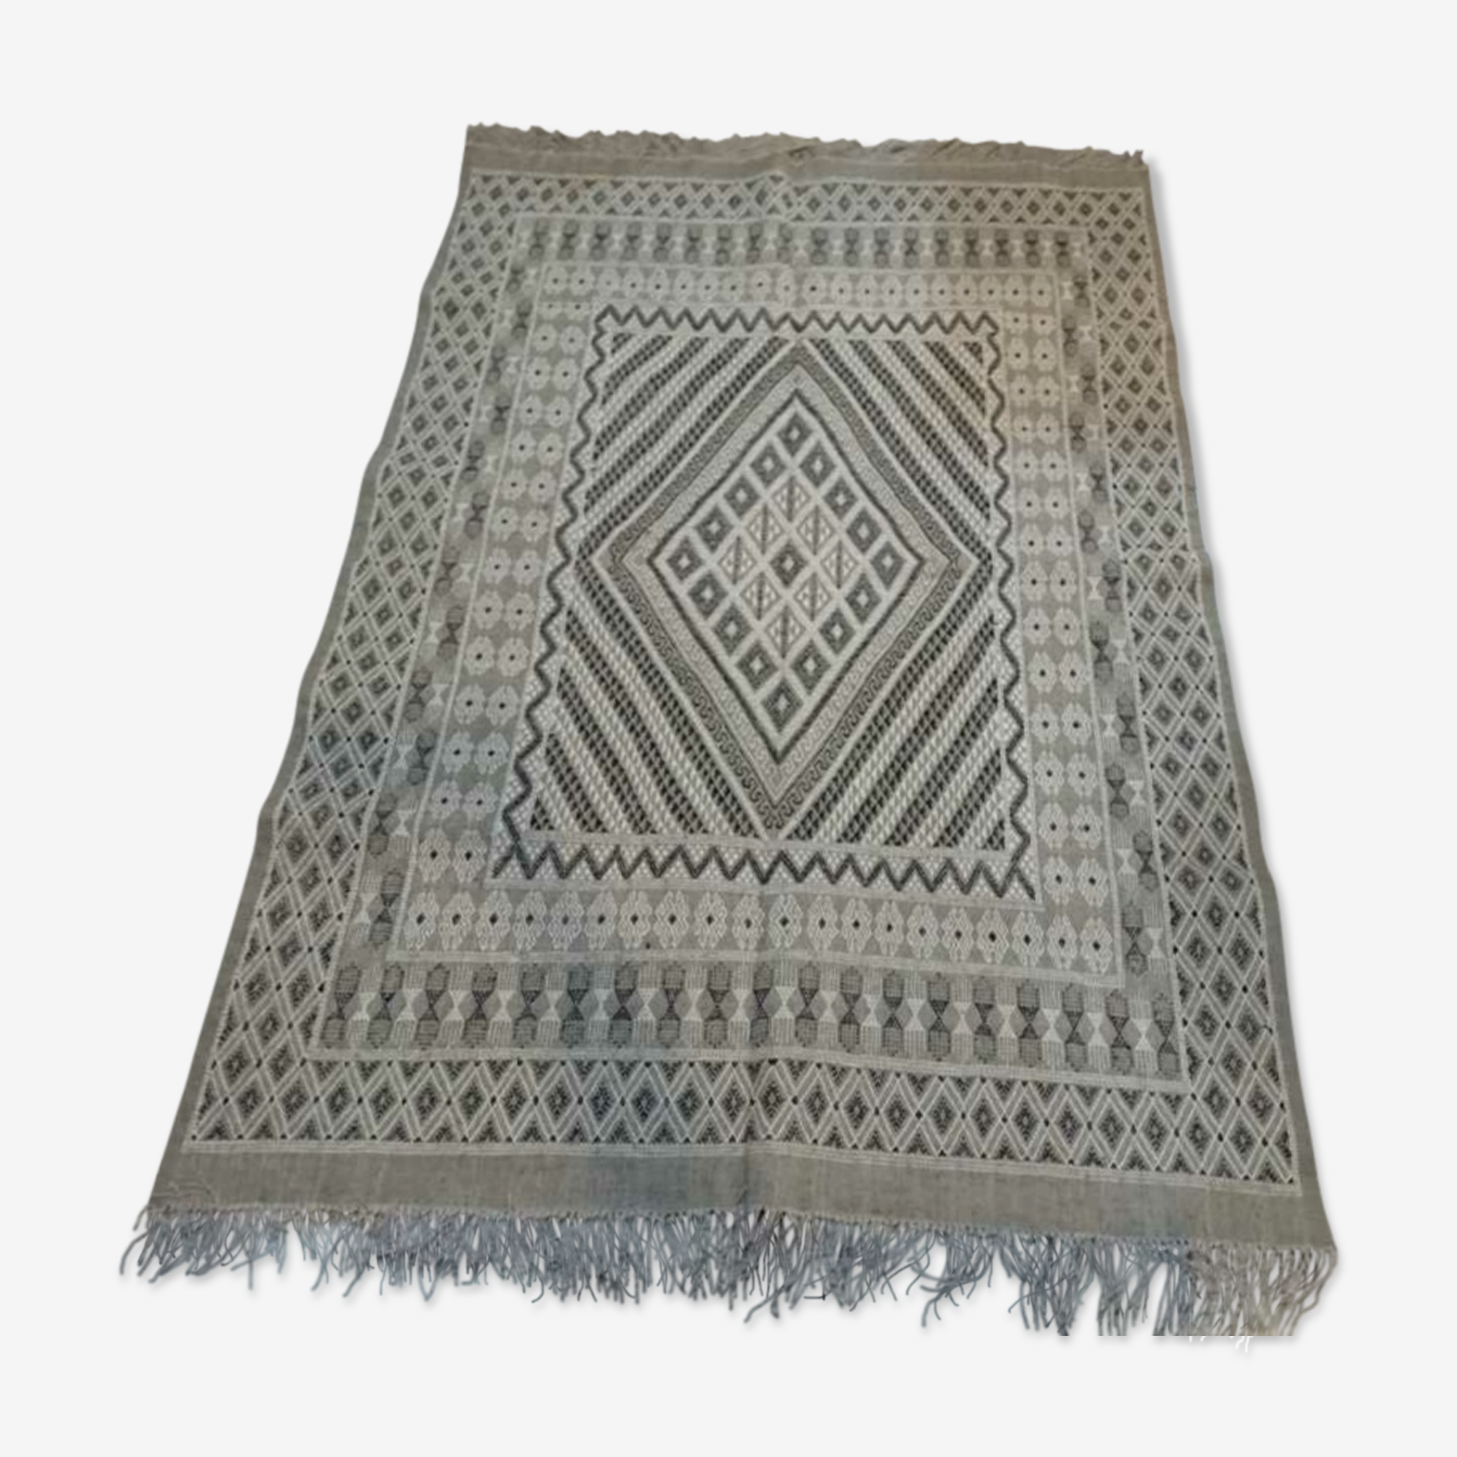 Carpet gray margoum handmade 240x170cm